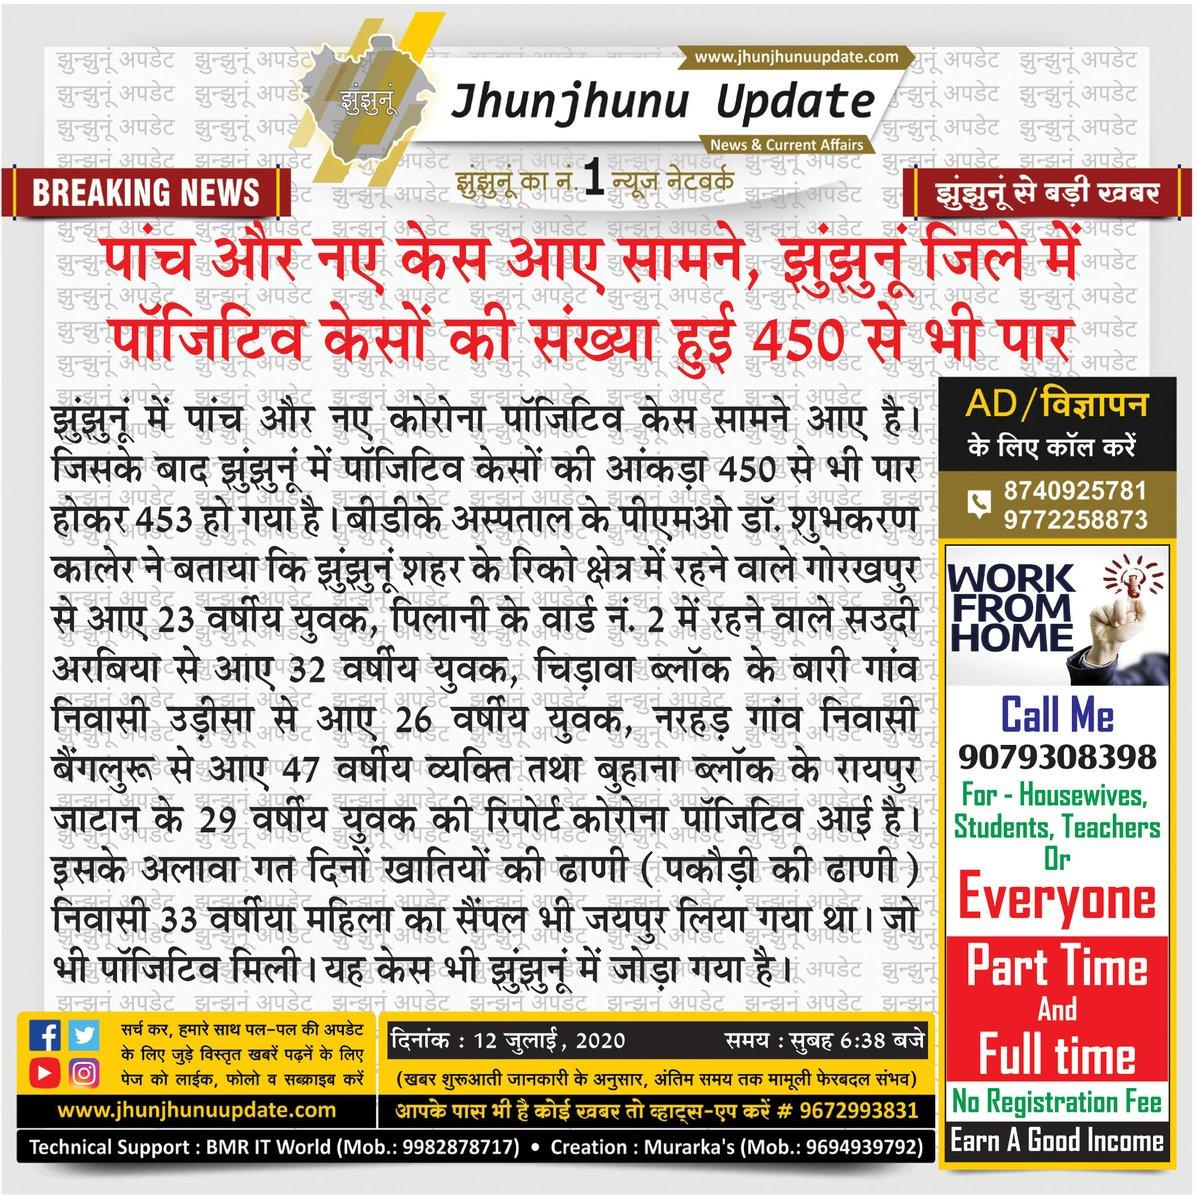 #झुंझुनूं : 5 नए कोरोना पॉजिटिव केस आए, एक जयपुर में मिला केस भी जुड़ा। #Jhunjhunu  #coronaupdate #jhunjhunufightscorona #झुंझुनूं_सतर्क_है #jhunjhunu #lockdown5 #lockdown #unlock1 #कोरोना_मुक्त_झुंझुनूं #coronafreejhunjhunu #jhunjhunuupdatepic.twitter.com/FC6N326YMa